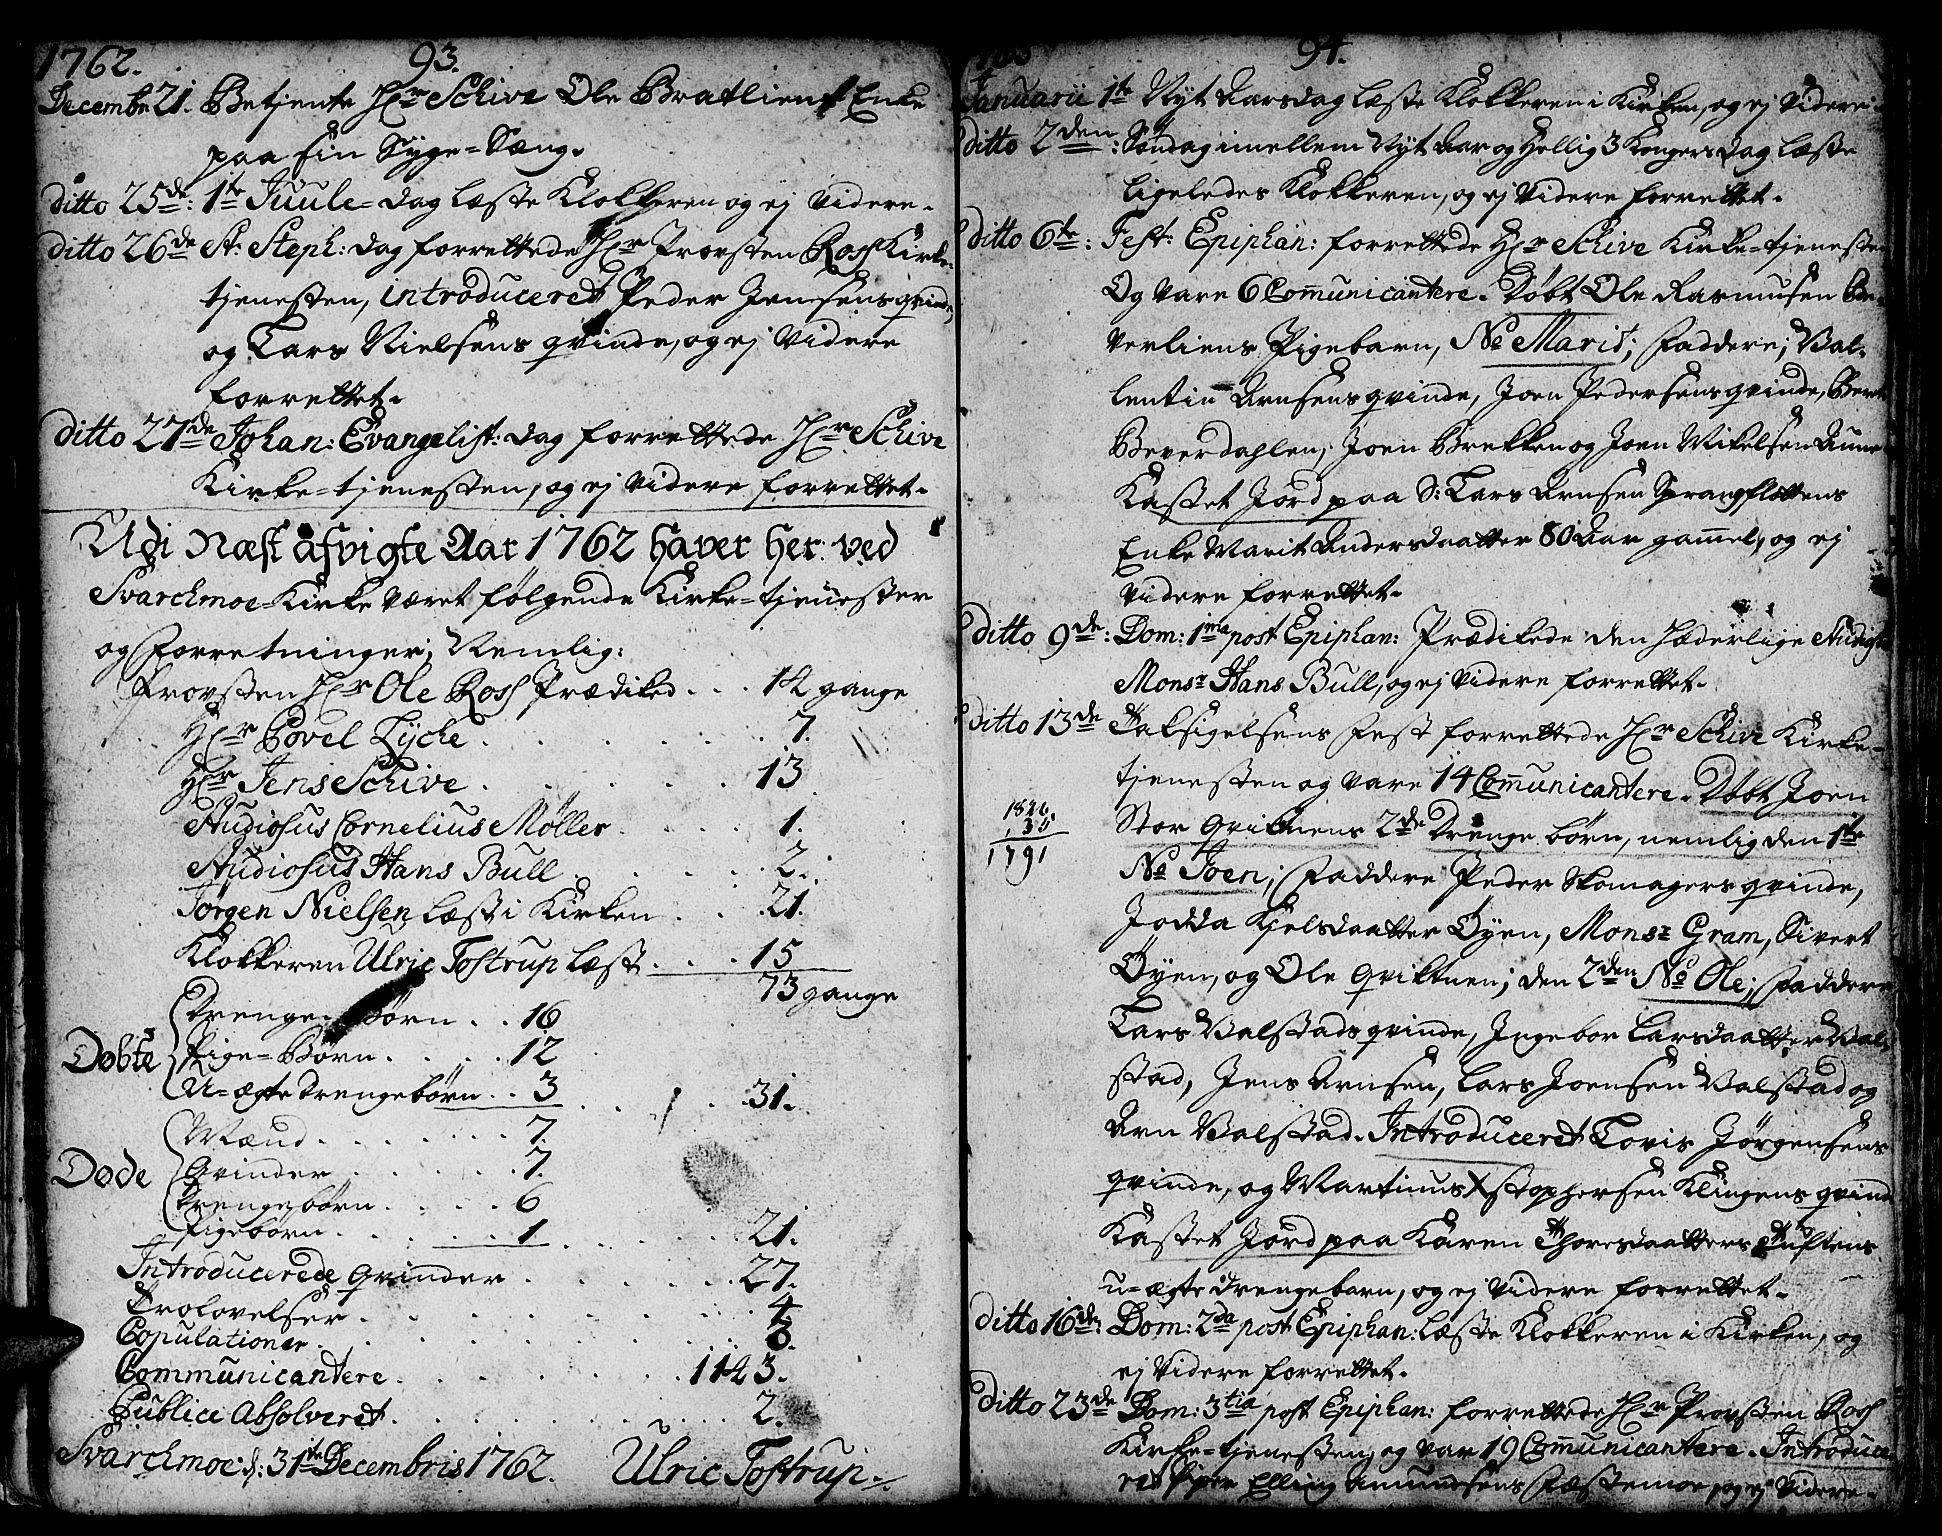 SAT, Ministerialprotokoller, klokkerbøker og fødselsregistre - Sør-Trøndelag, 671/L0840: Ministerialbok nr. 671A02, 1756-1794, s. 93-94